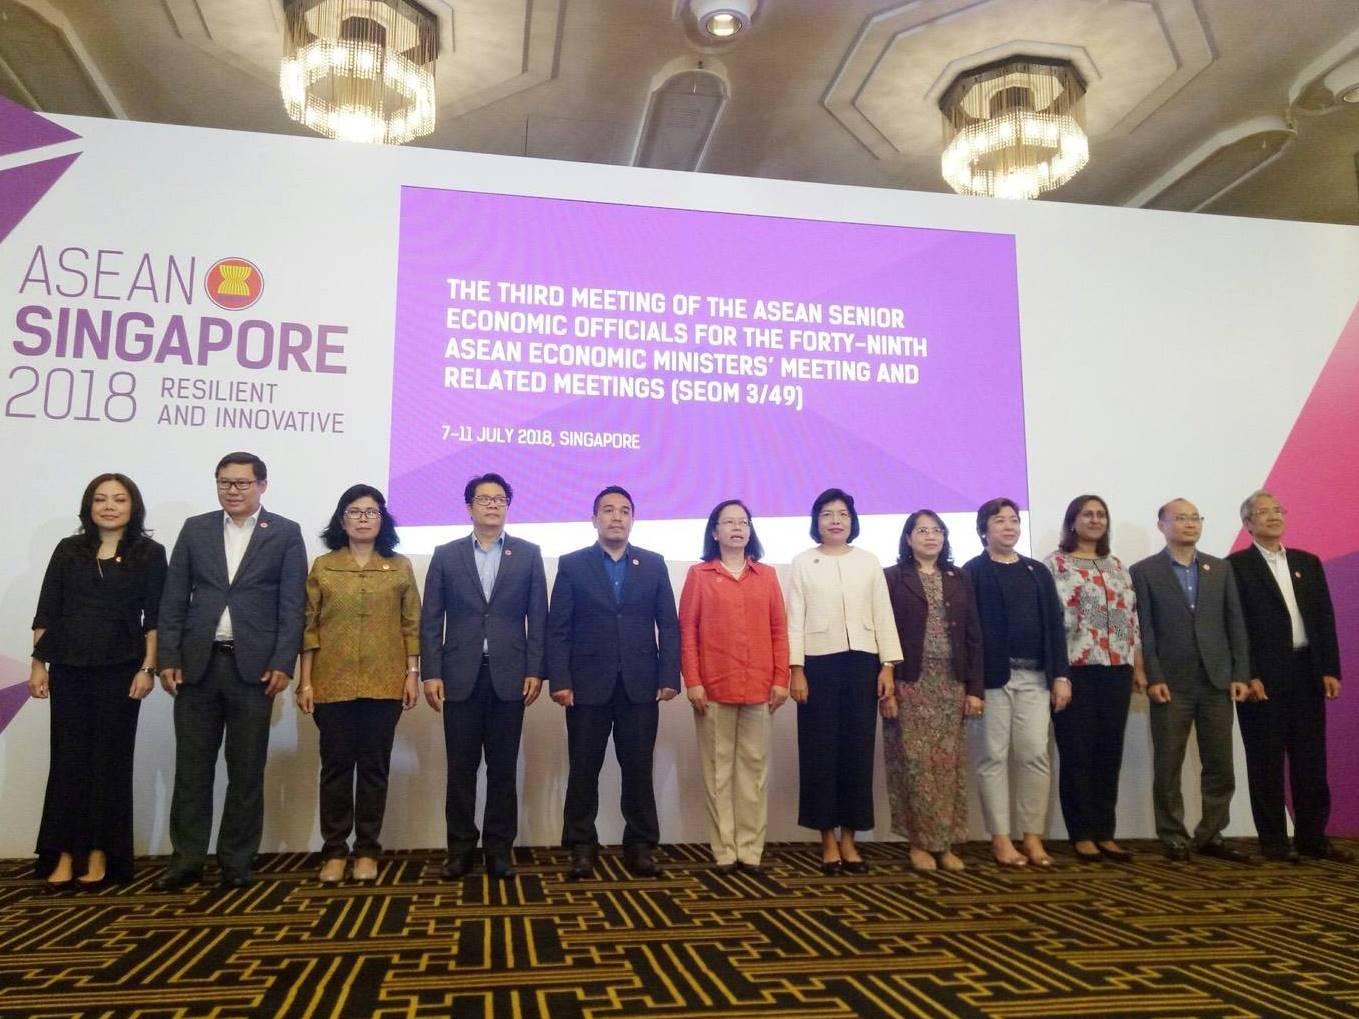 ประชุม SEOM ของอาเซียน ปิดจ๊อบความตกลง e-commerce ช่วย SMEs โต